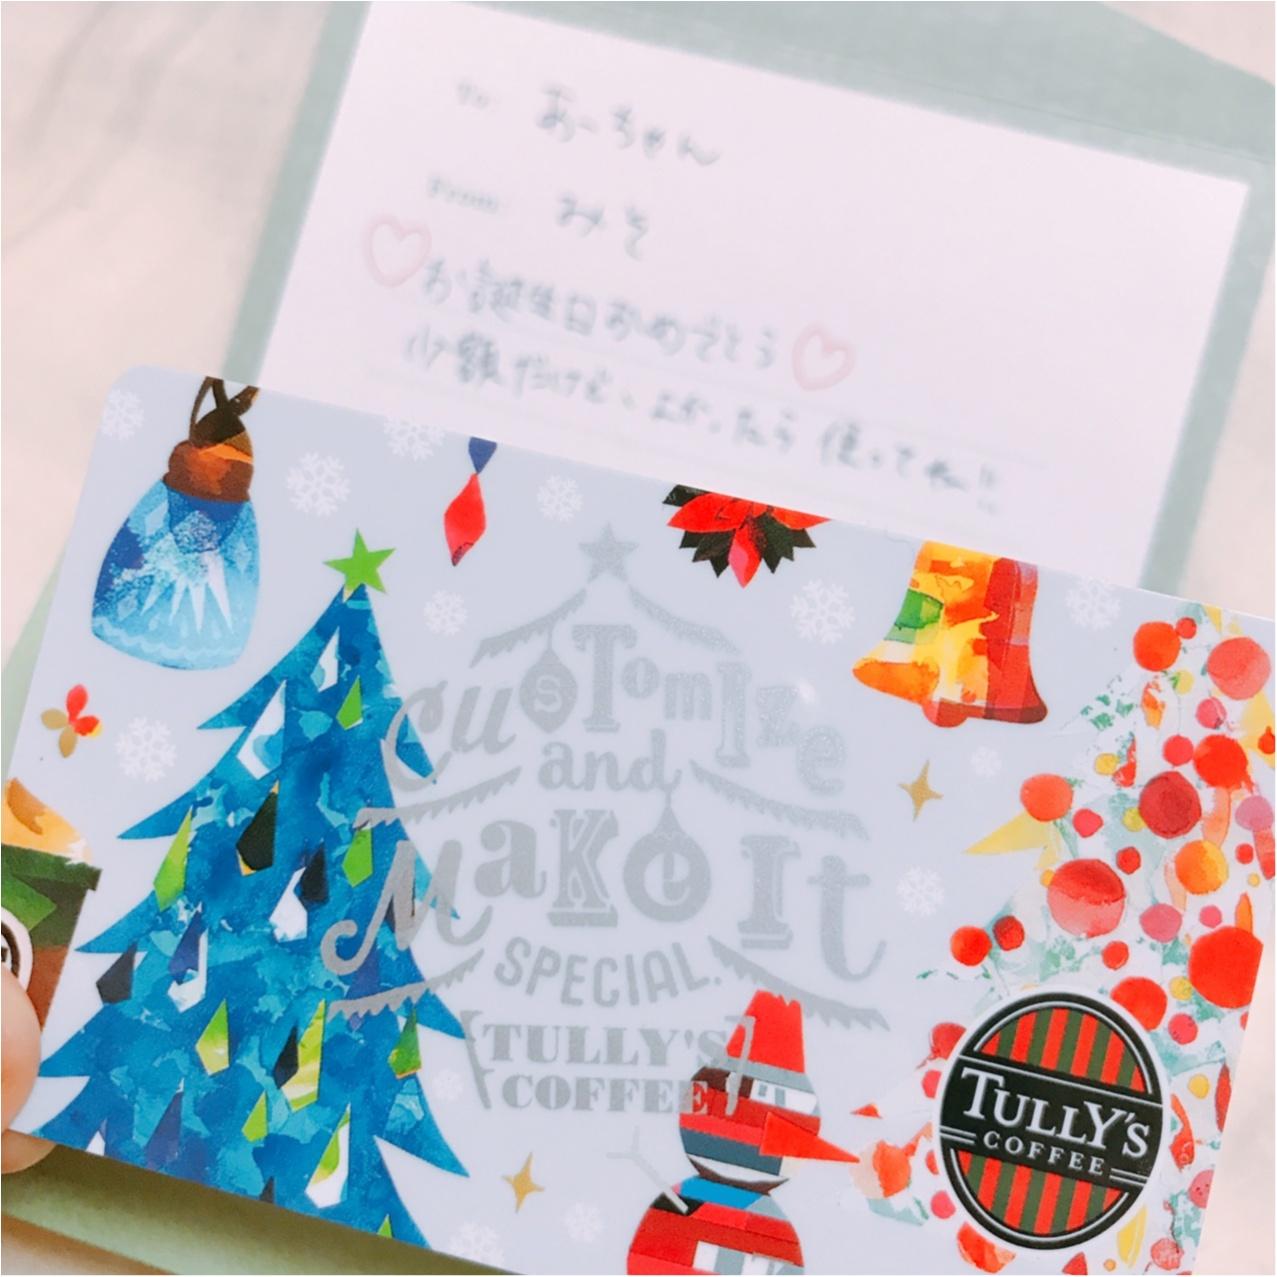 もらって嬉しい♪ クリスマス限定デザインの【タリーズカード】♡_1